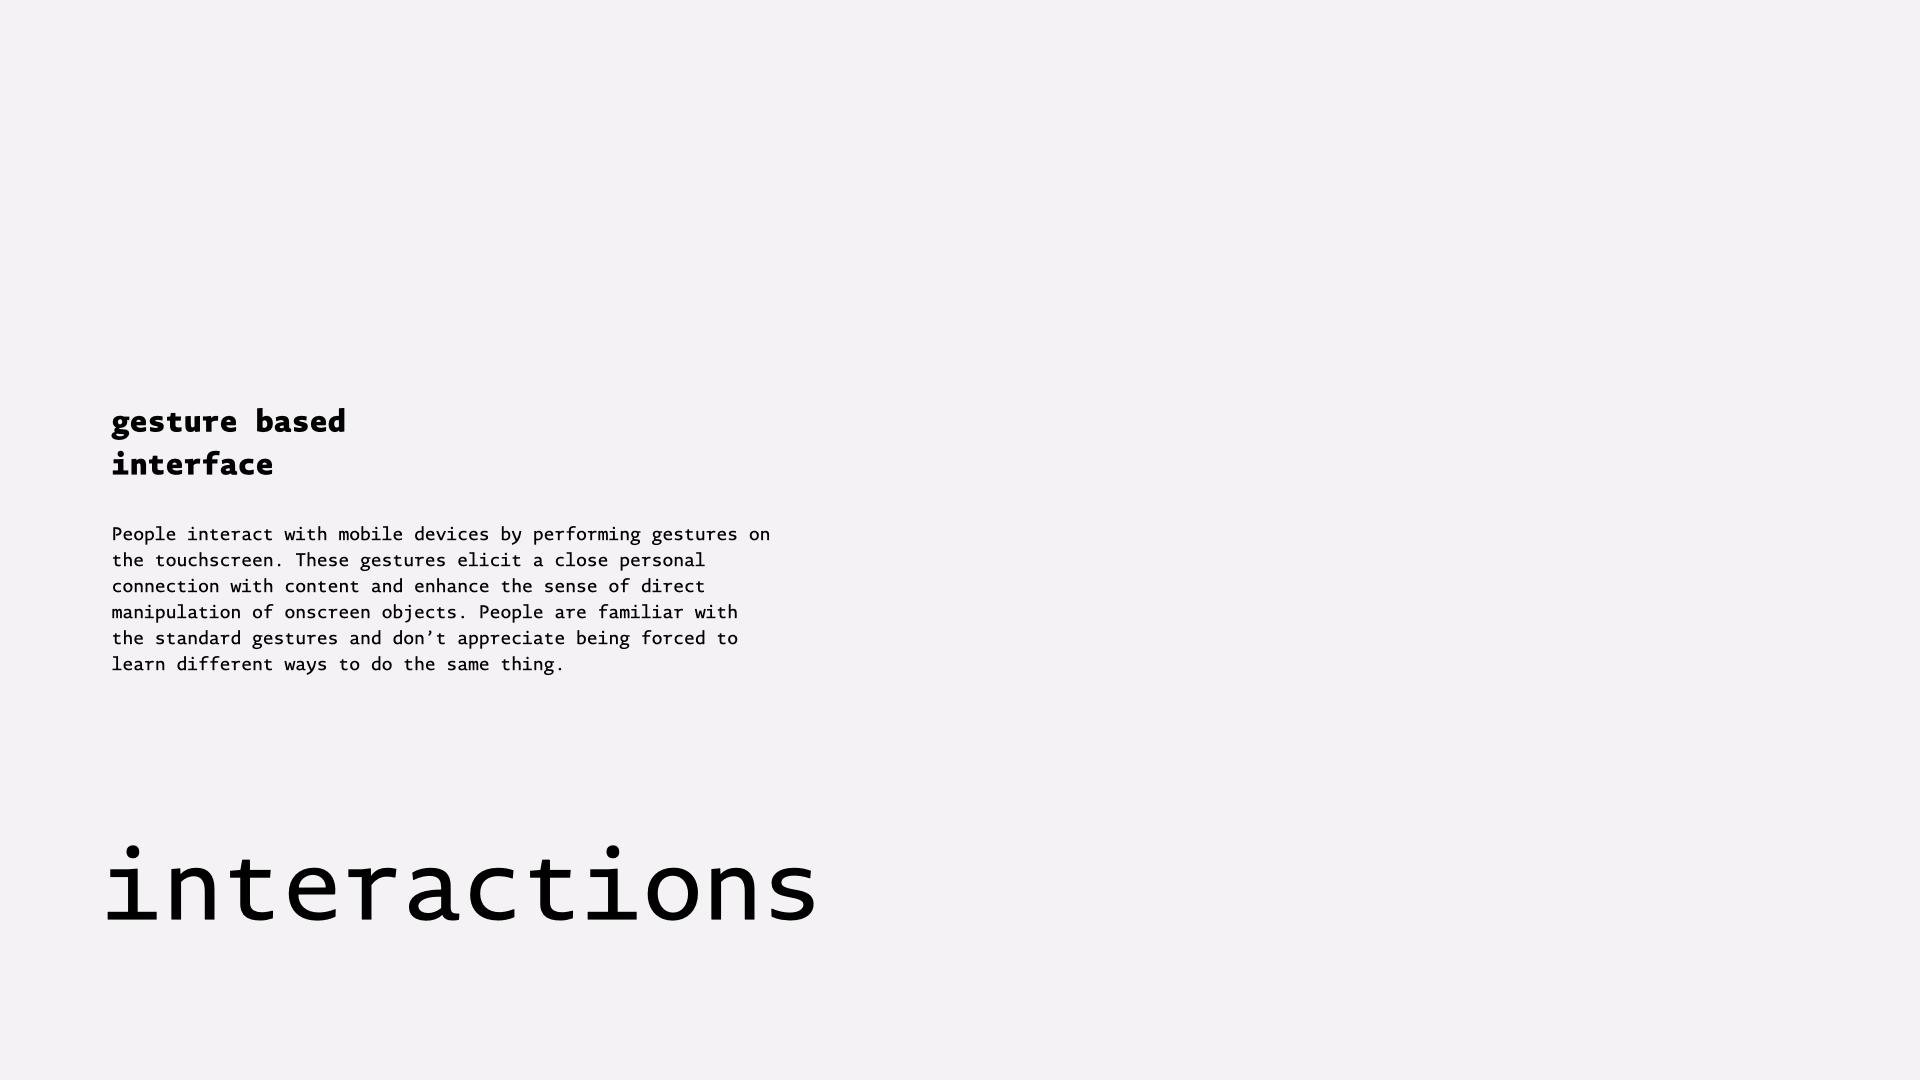 VanMarcke-ExperienceOpimization-V2.030